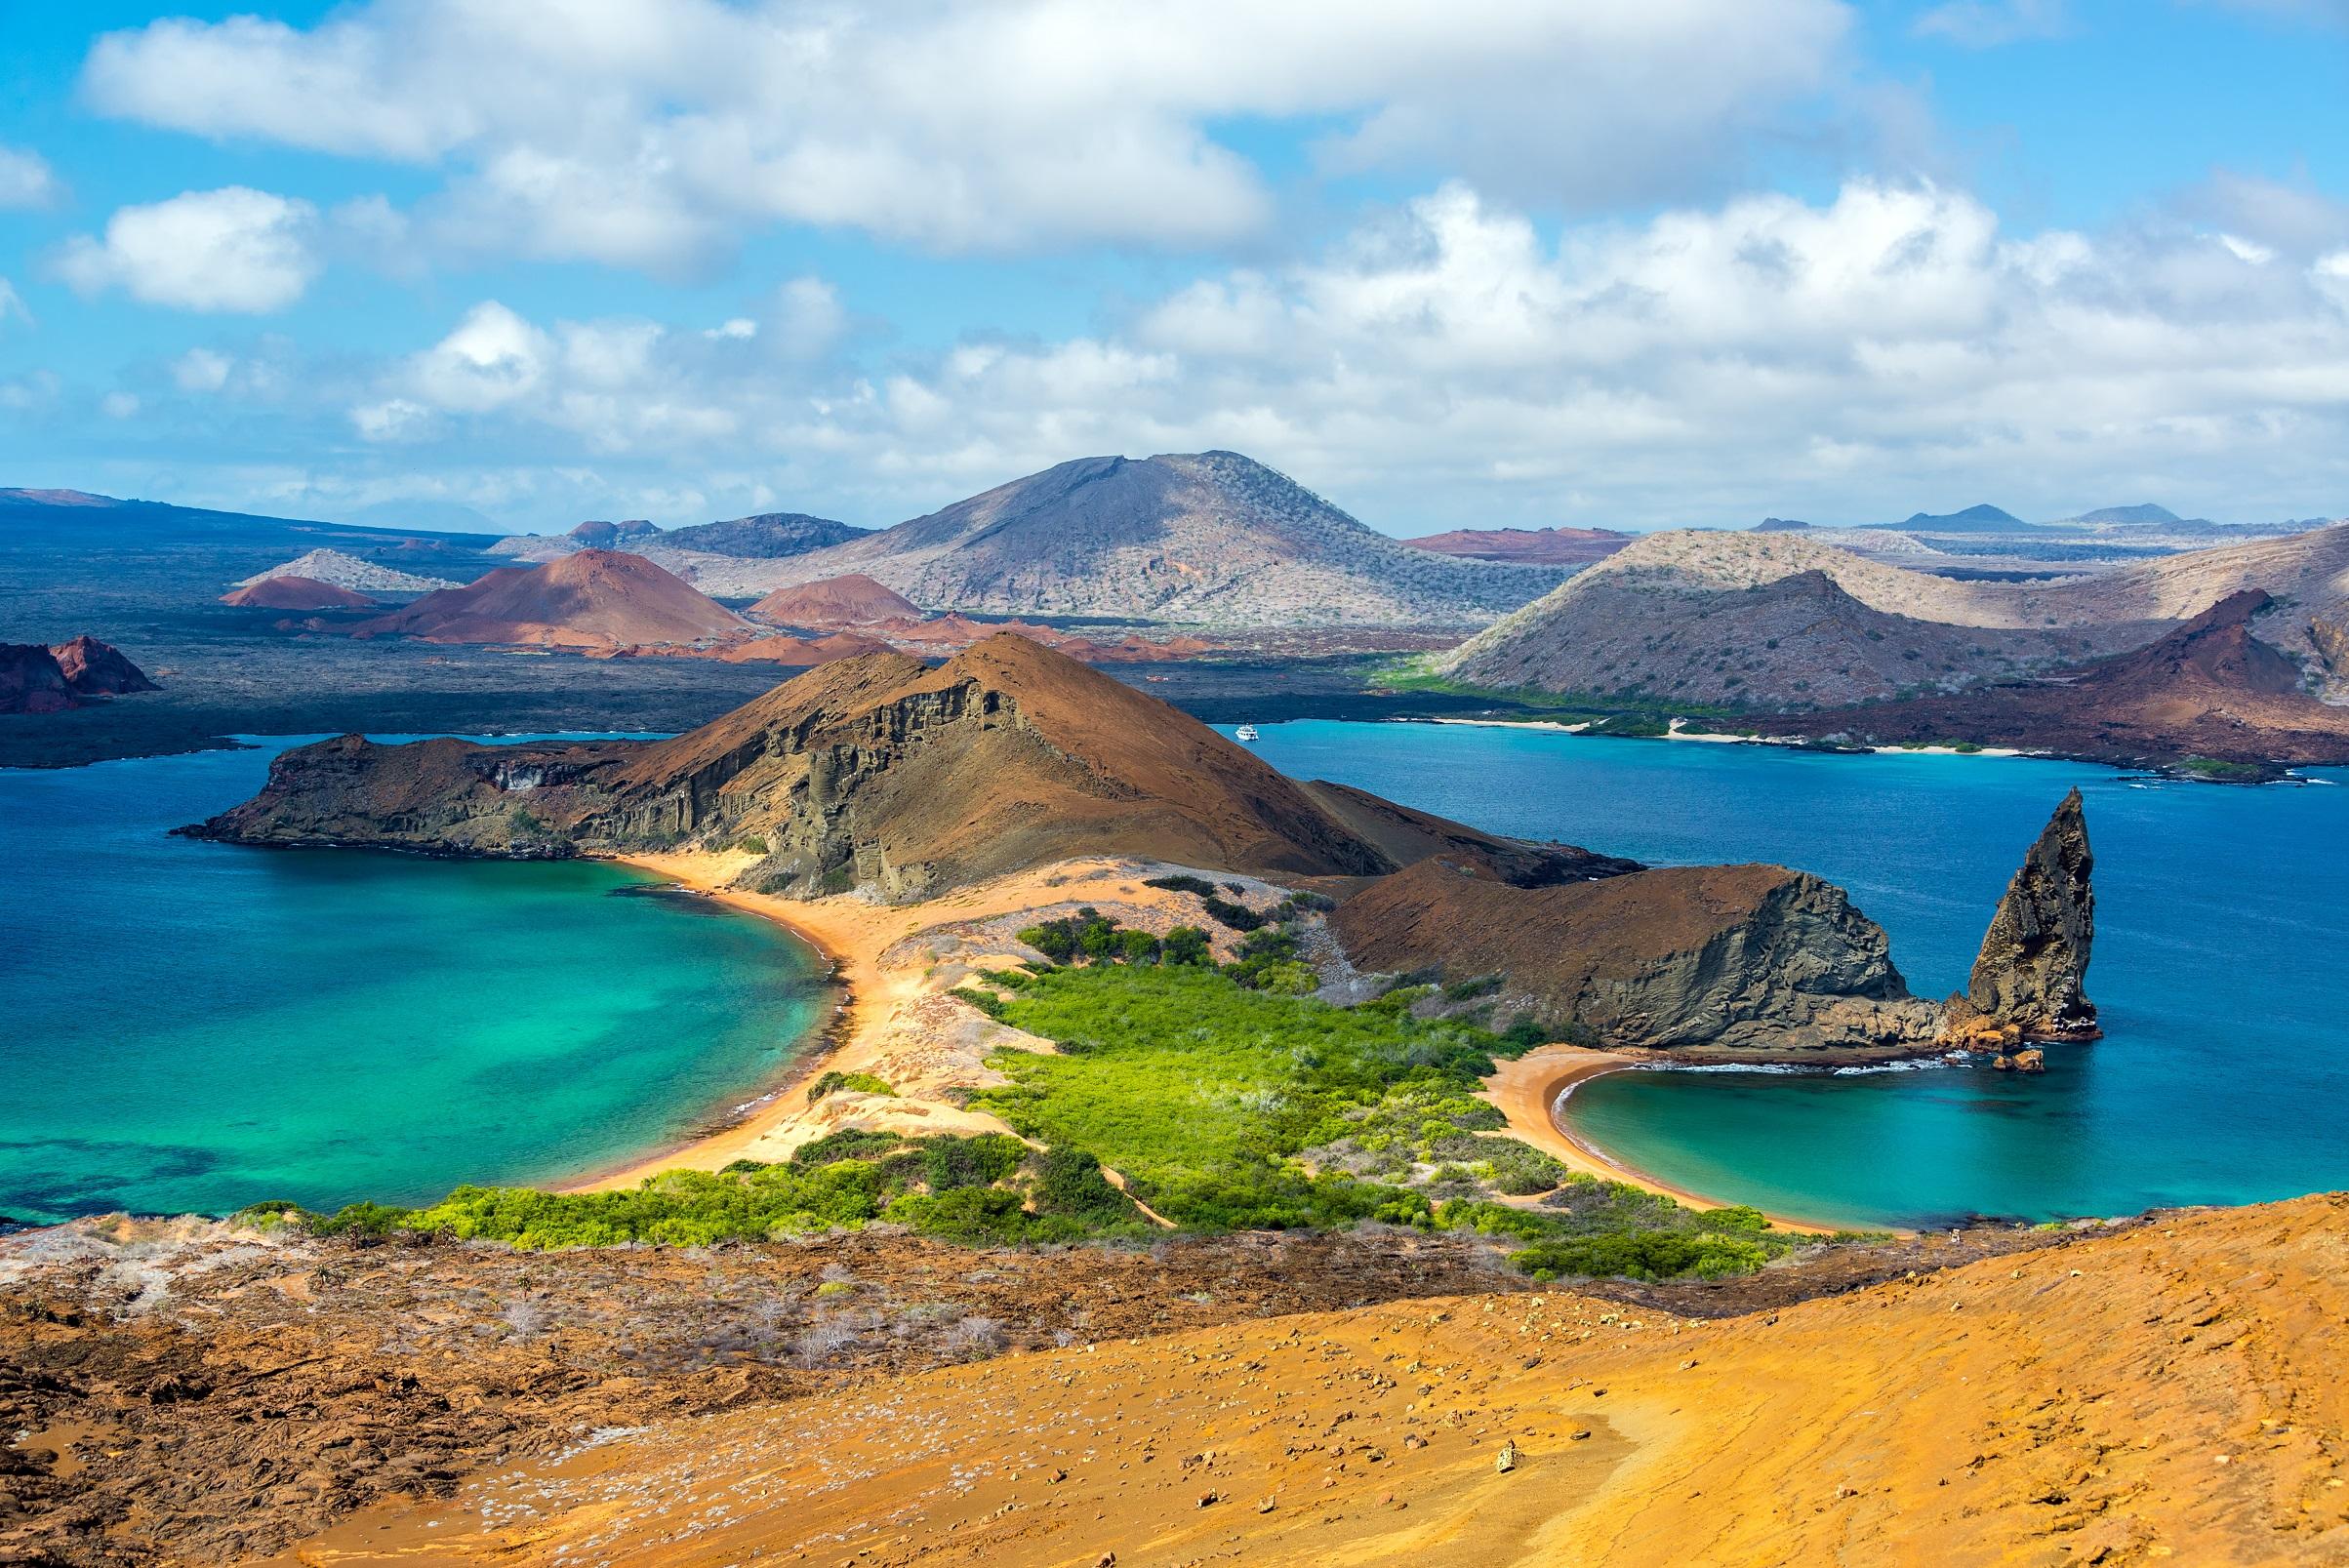 Die Sicht auf die Inseln